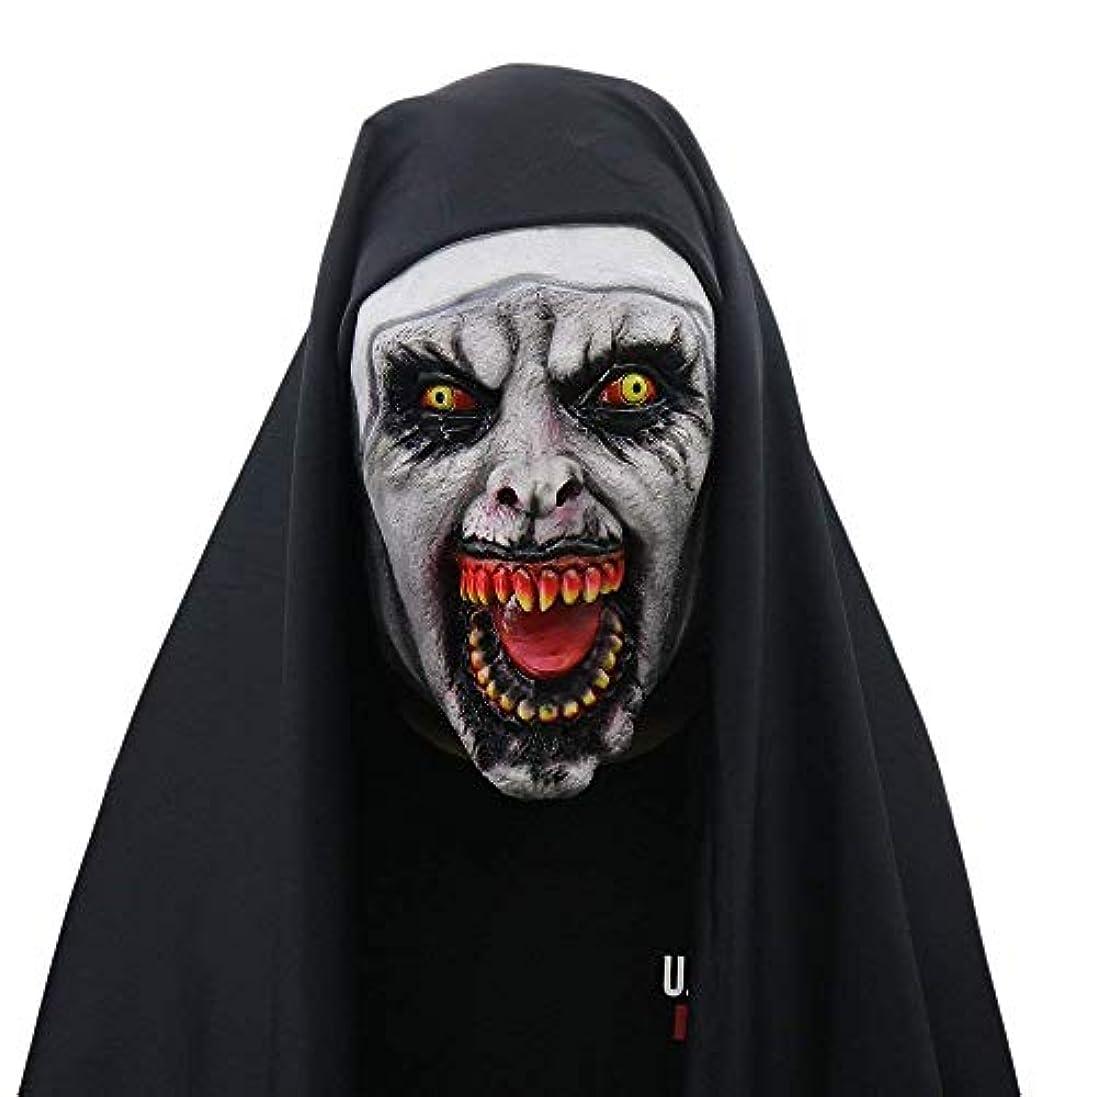 許可委任つばハロウィン修道女マスク、ホラー怖い女性ゴースト整頓パーティー用品ゾンビマスク27 * 28 cm (Color : B)